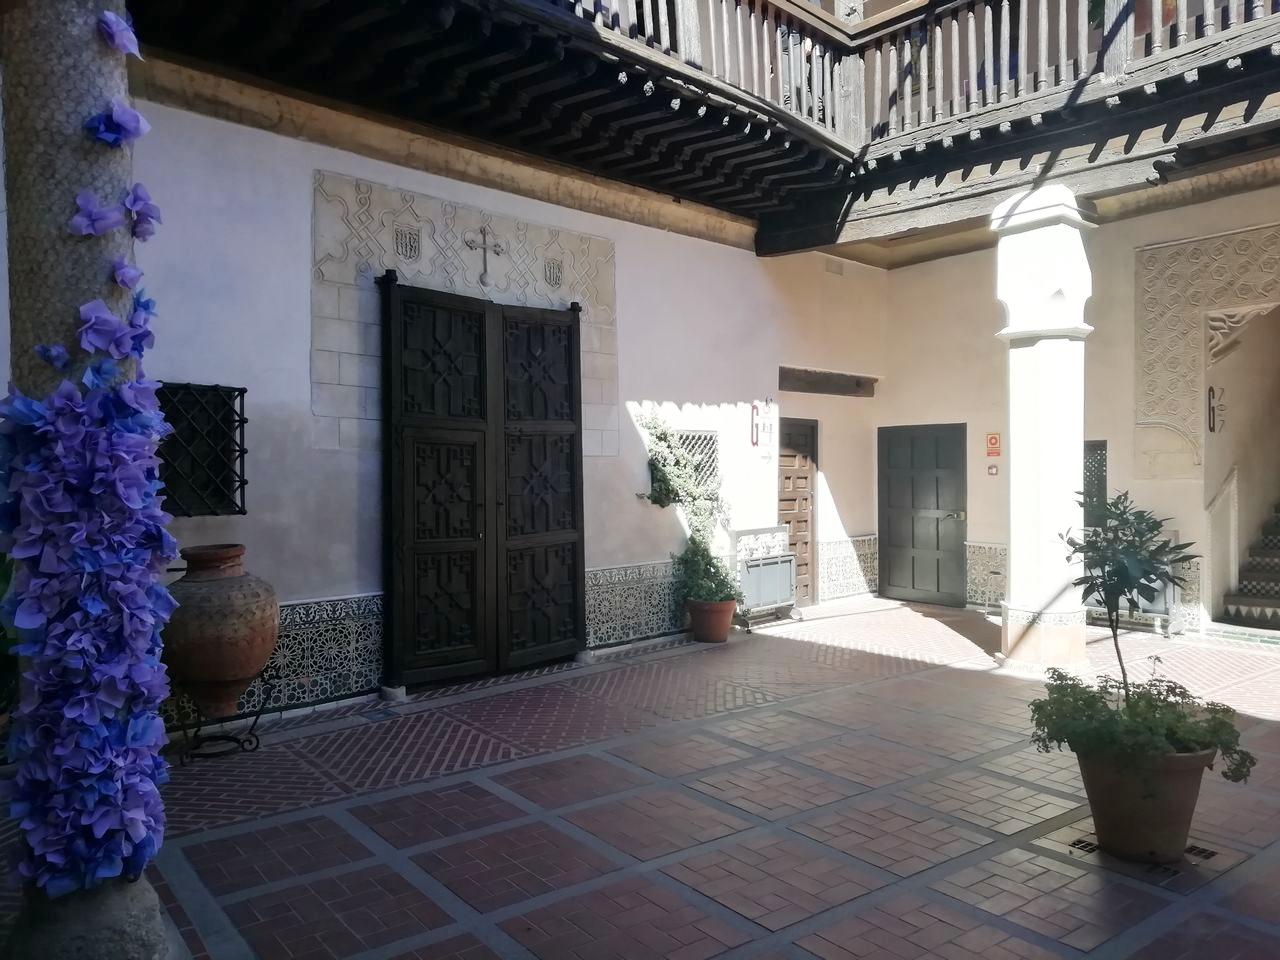 Qué ver en Toledo en 2 días: Museo del Greco.